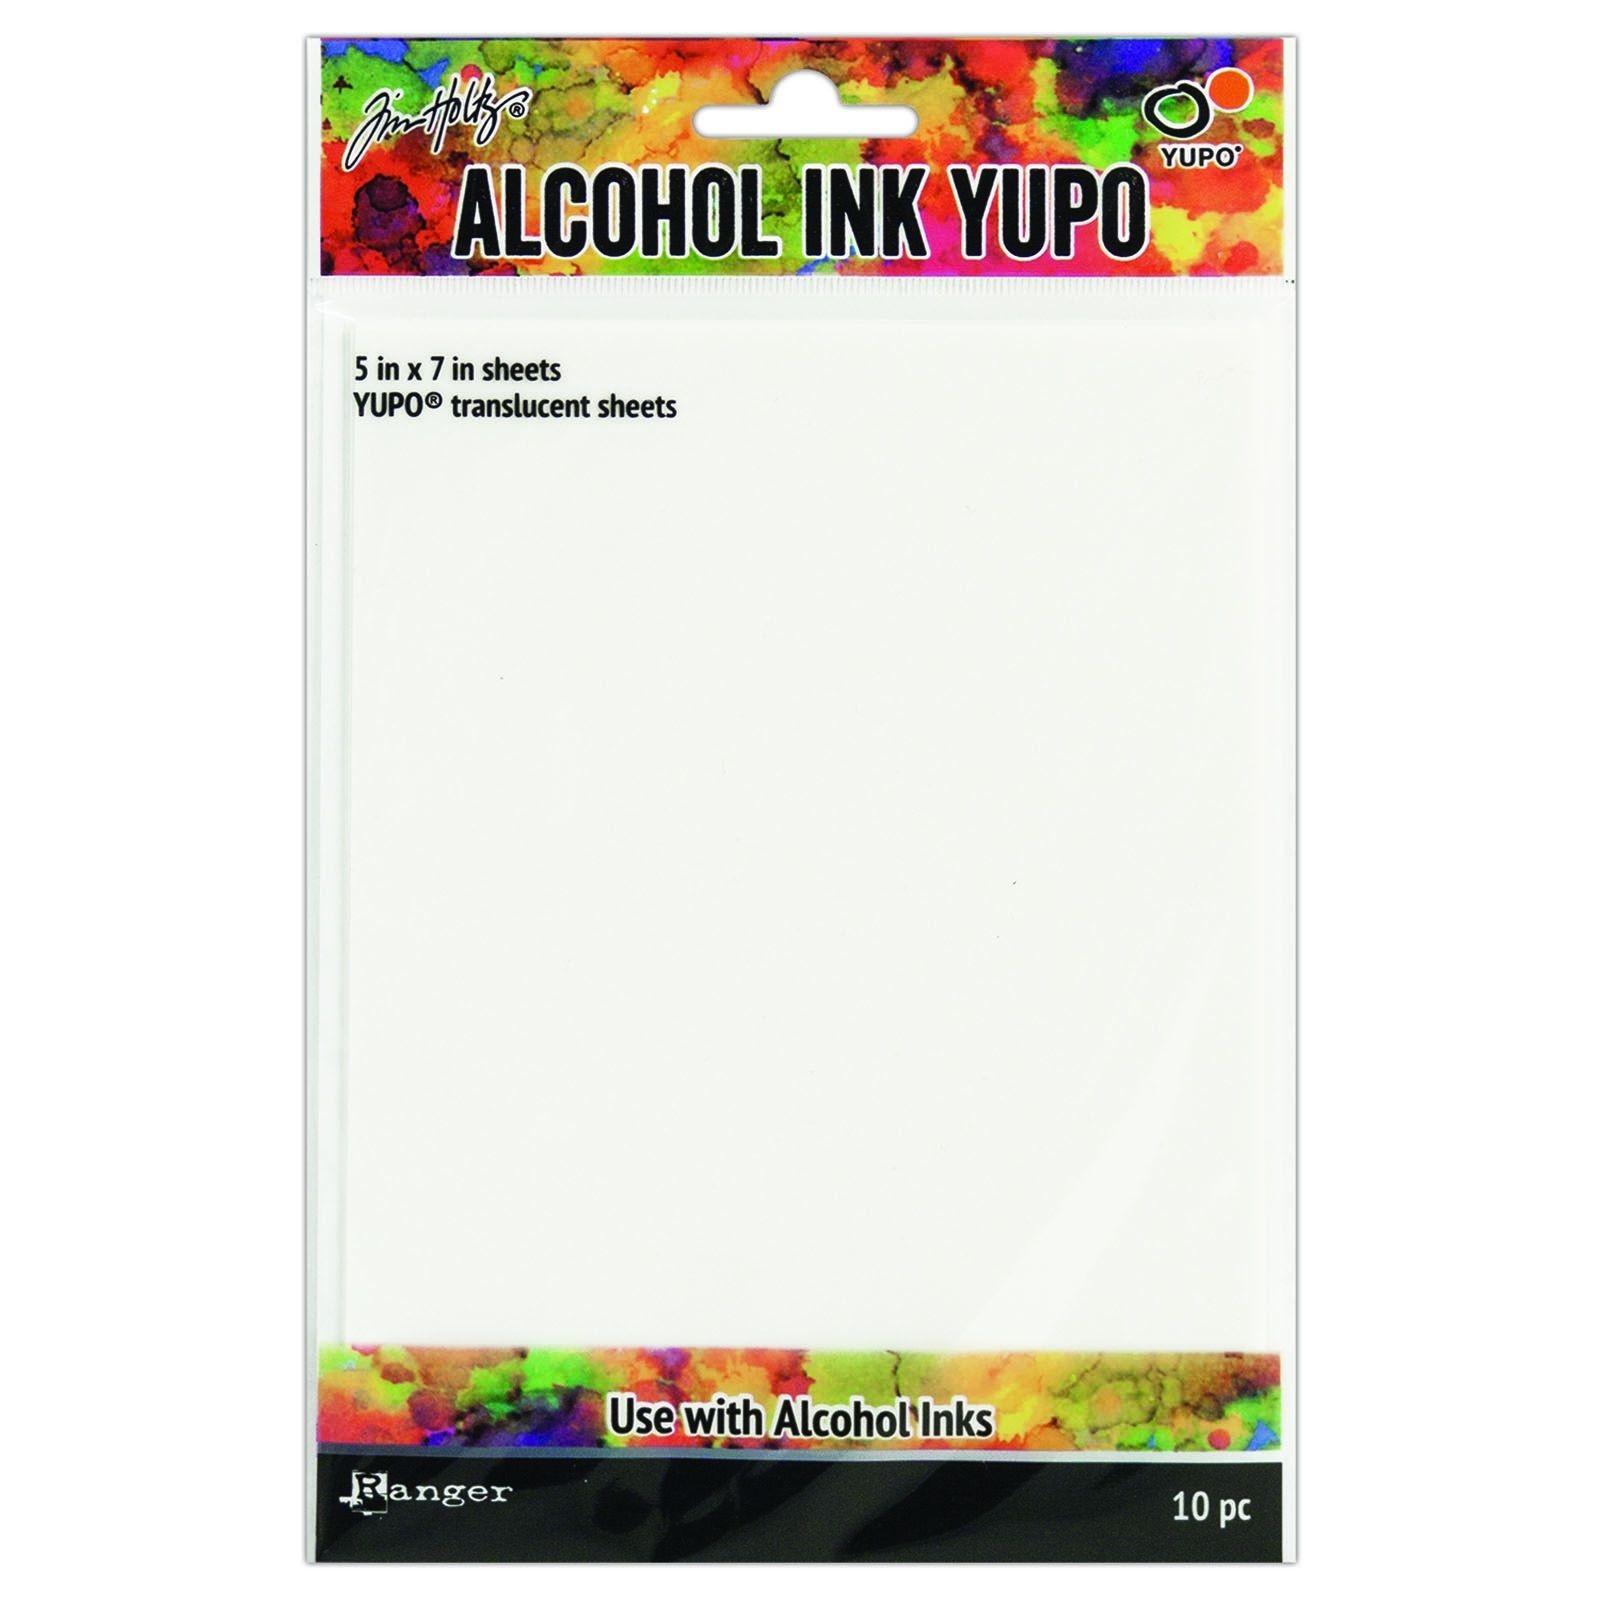 Papier speciaal voor werken met Alcohol Inkt